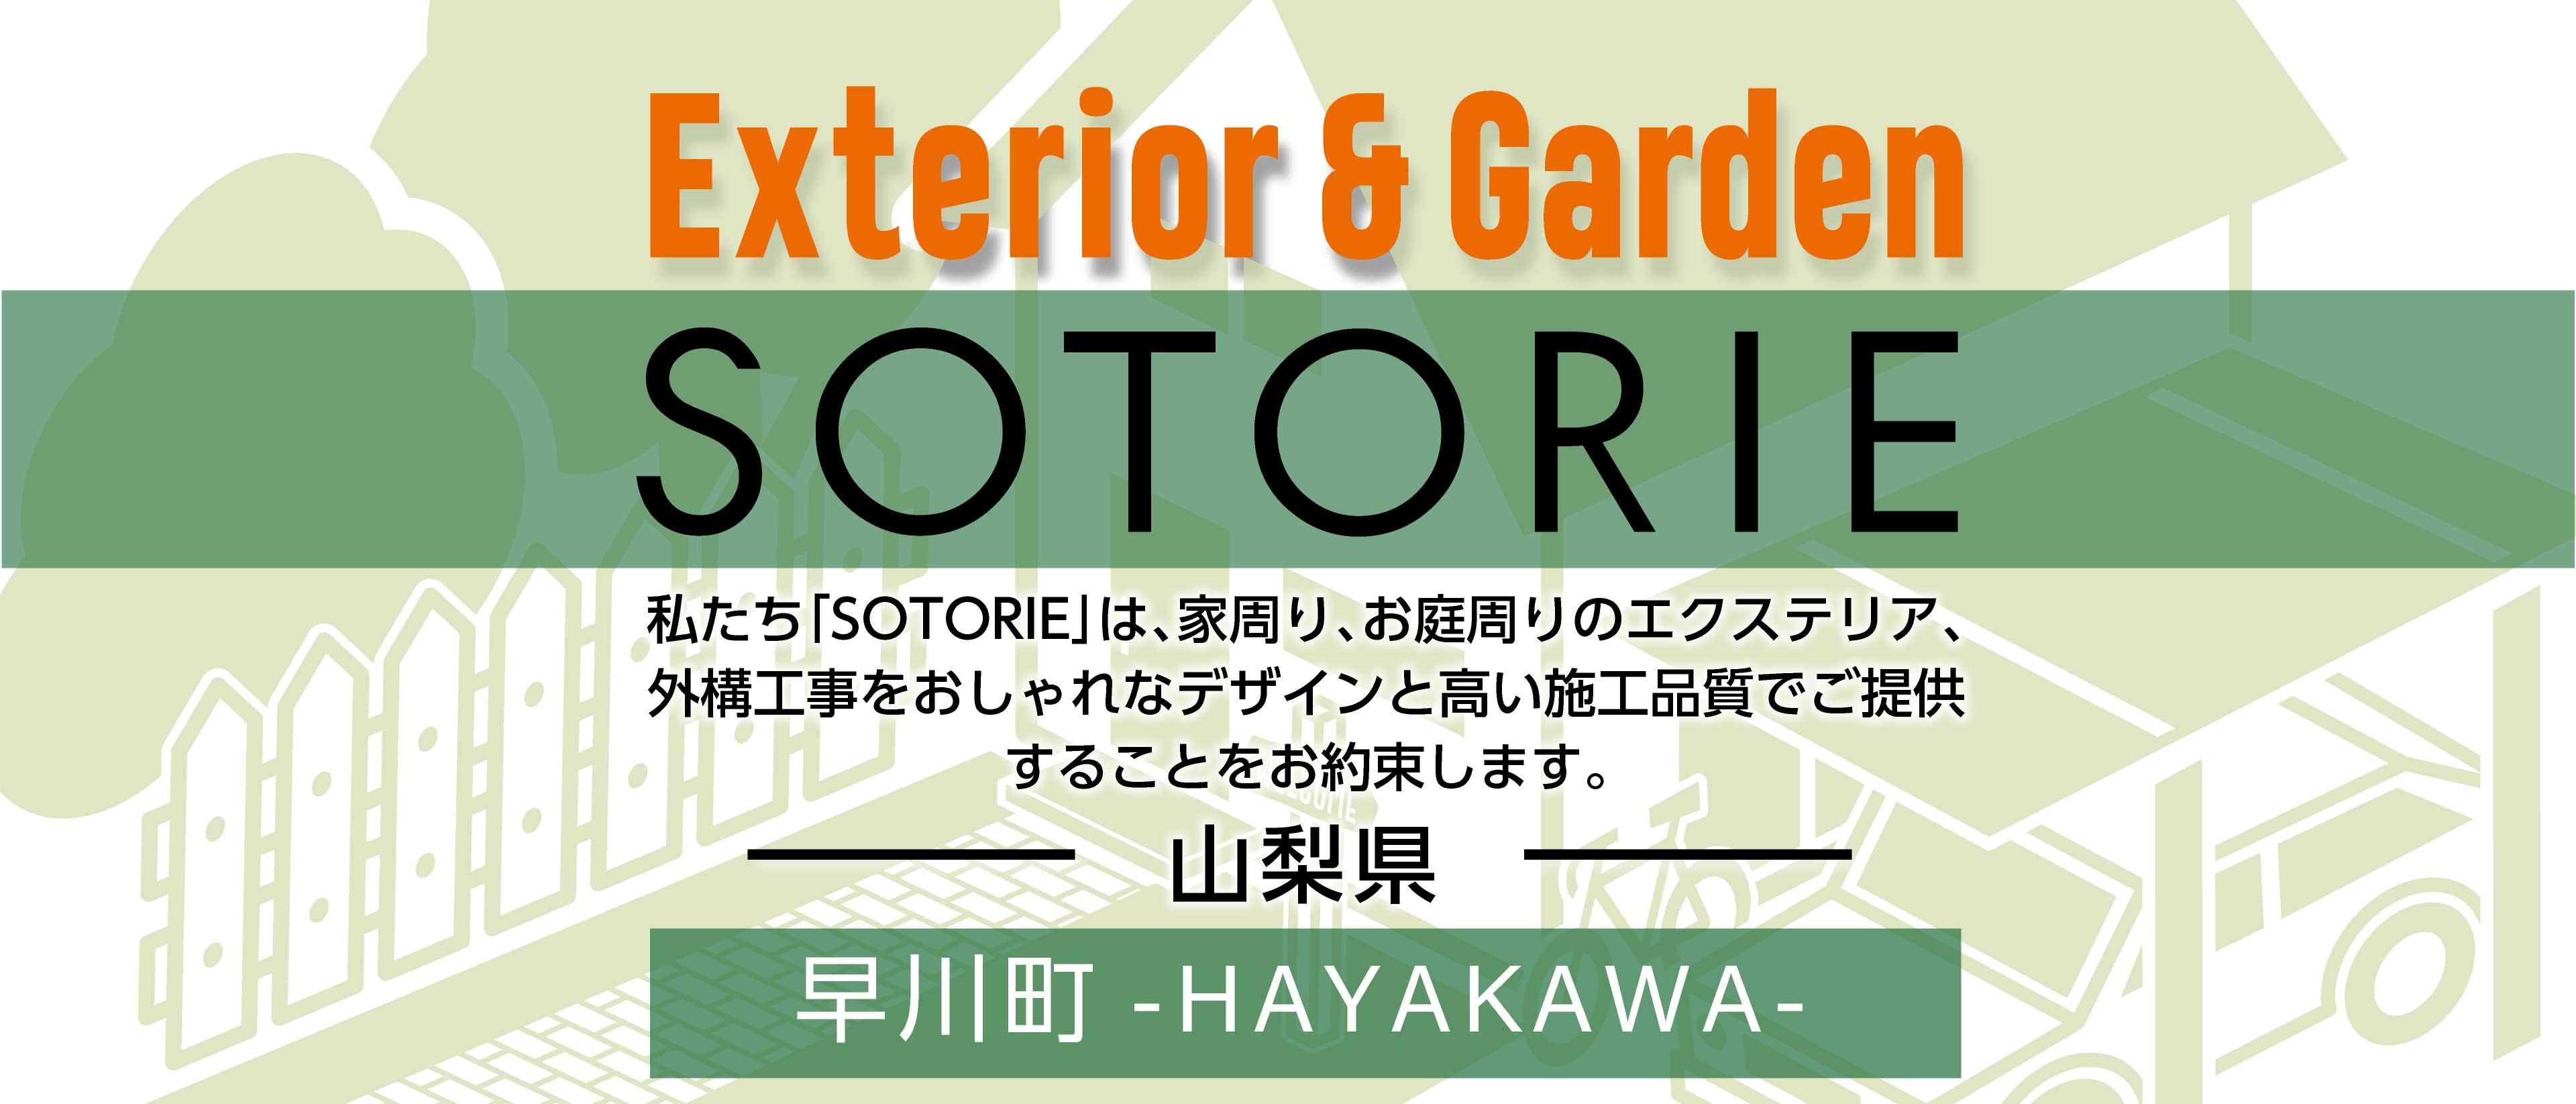 ソトリエ早川町では、家周りと庭周りの外構、エクステリア工事をおしゃれなデザインと高い施工品質でご提供することをお約束します。